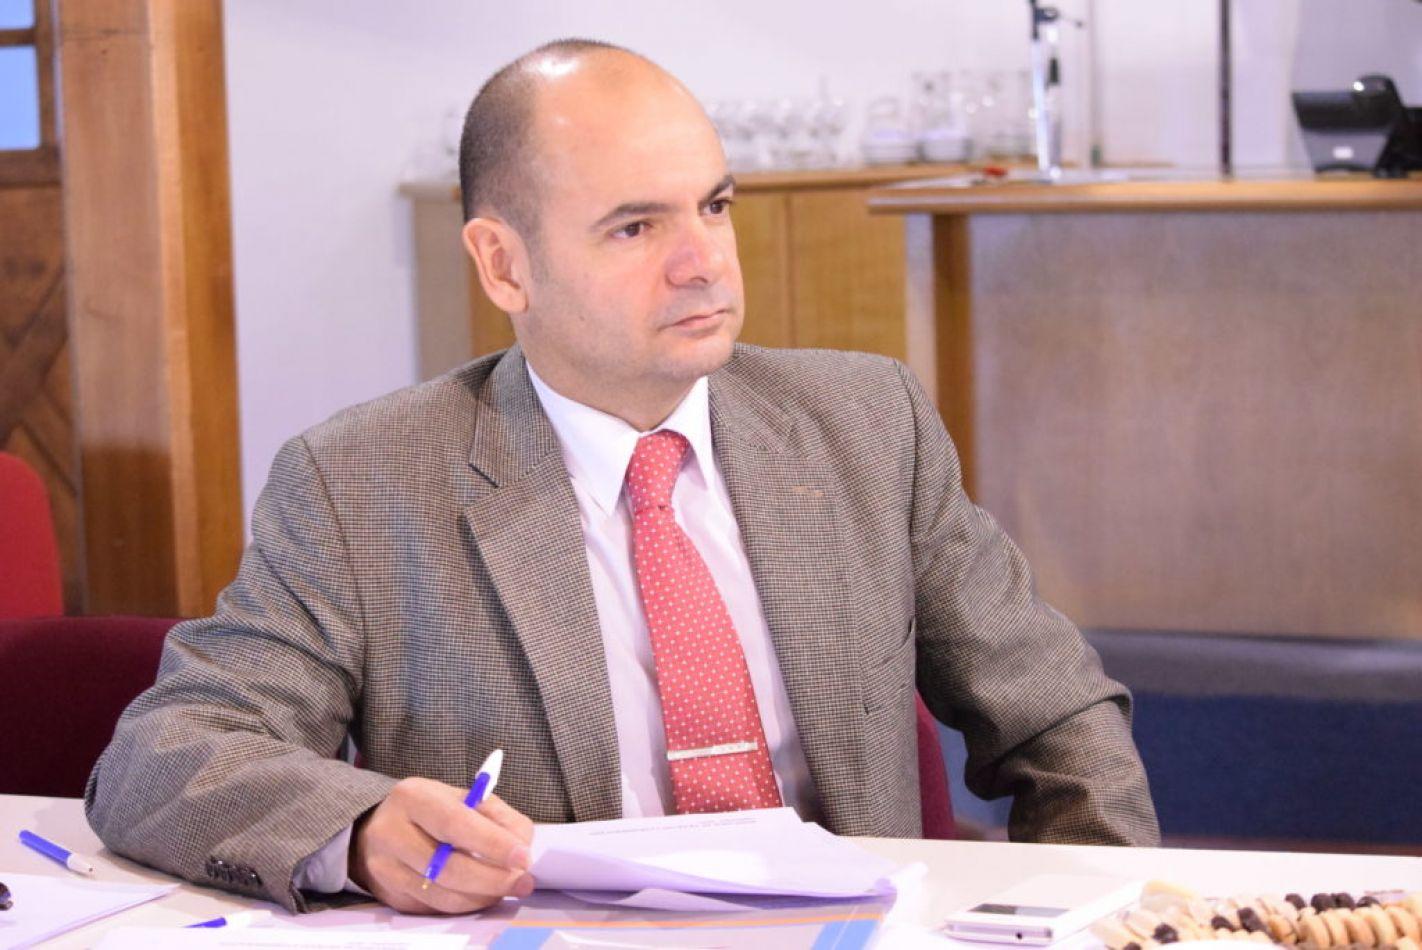 Juez de Familia y Minoridad Nº DJS, Dr. Alejandro Ferretto